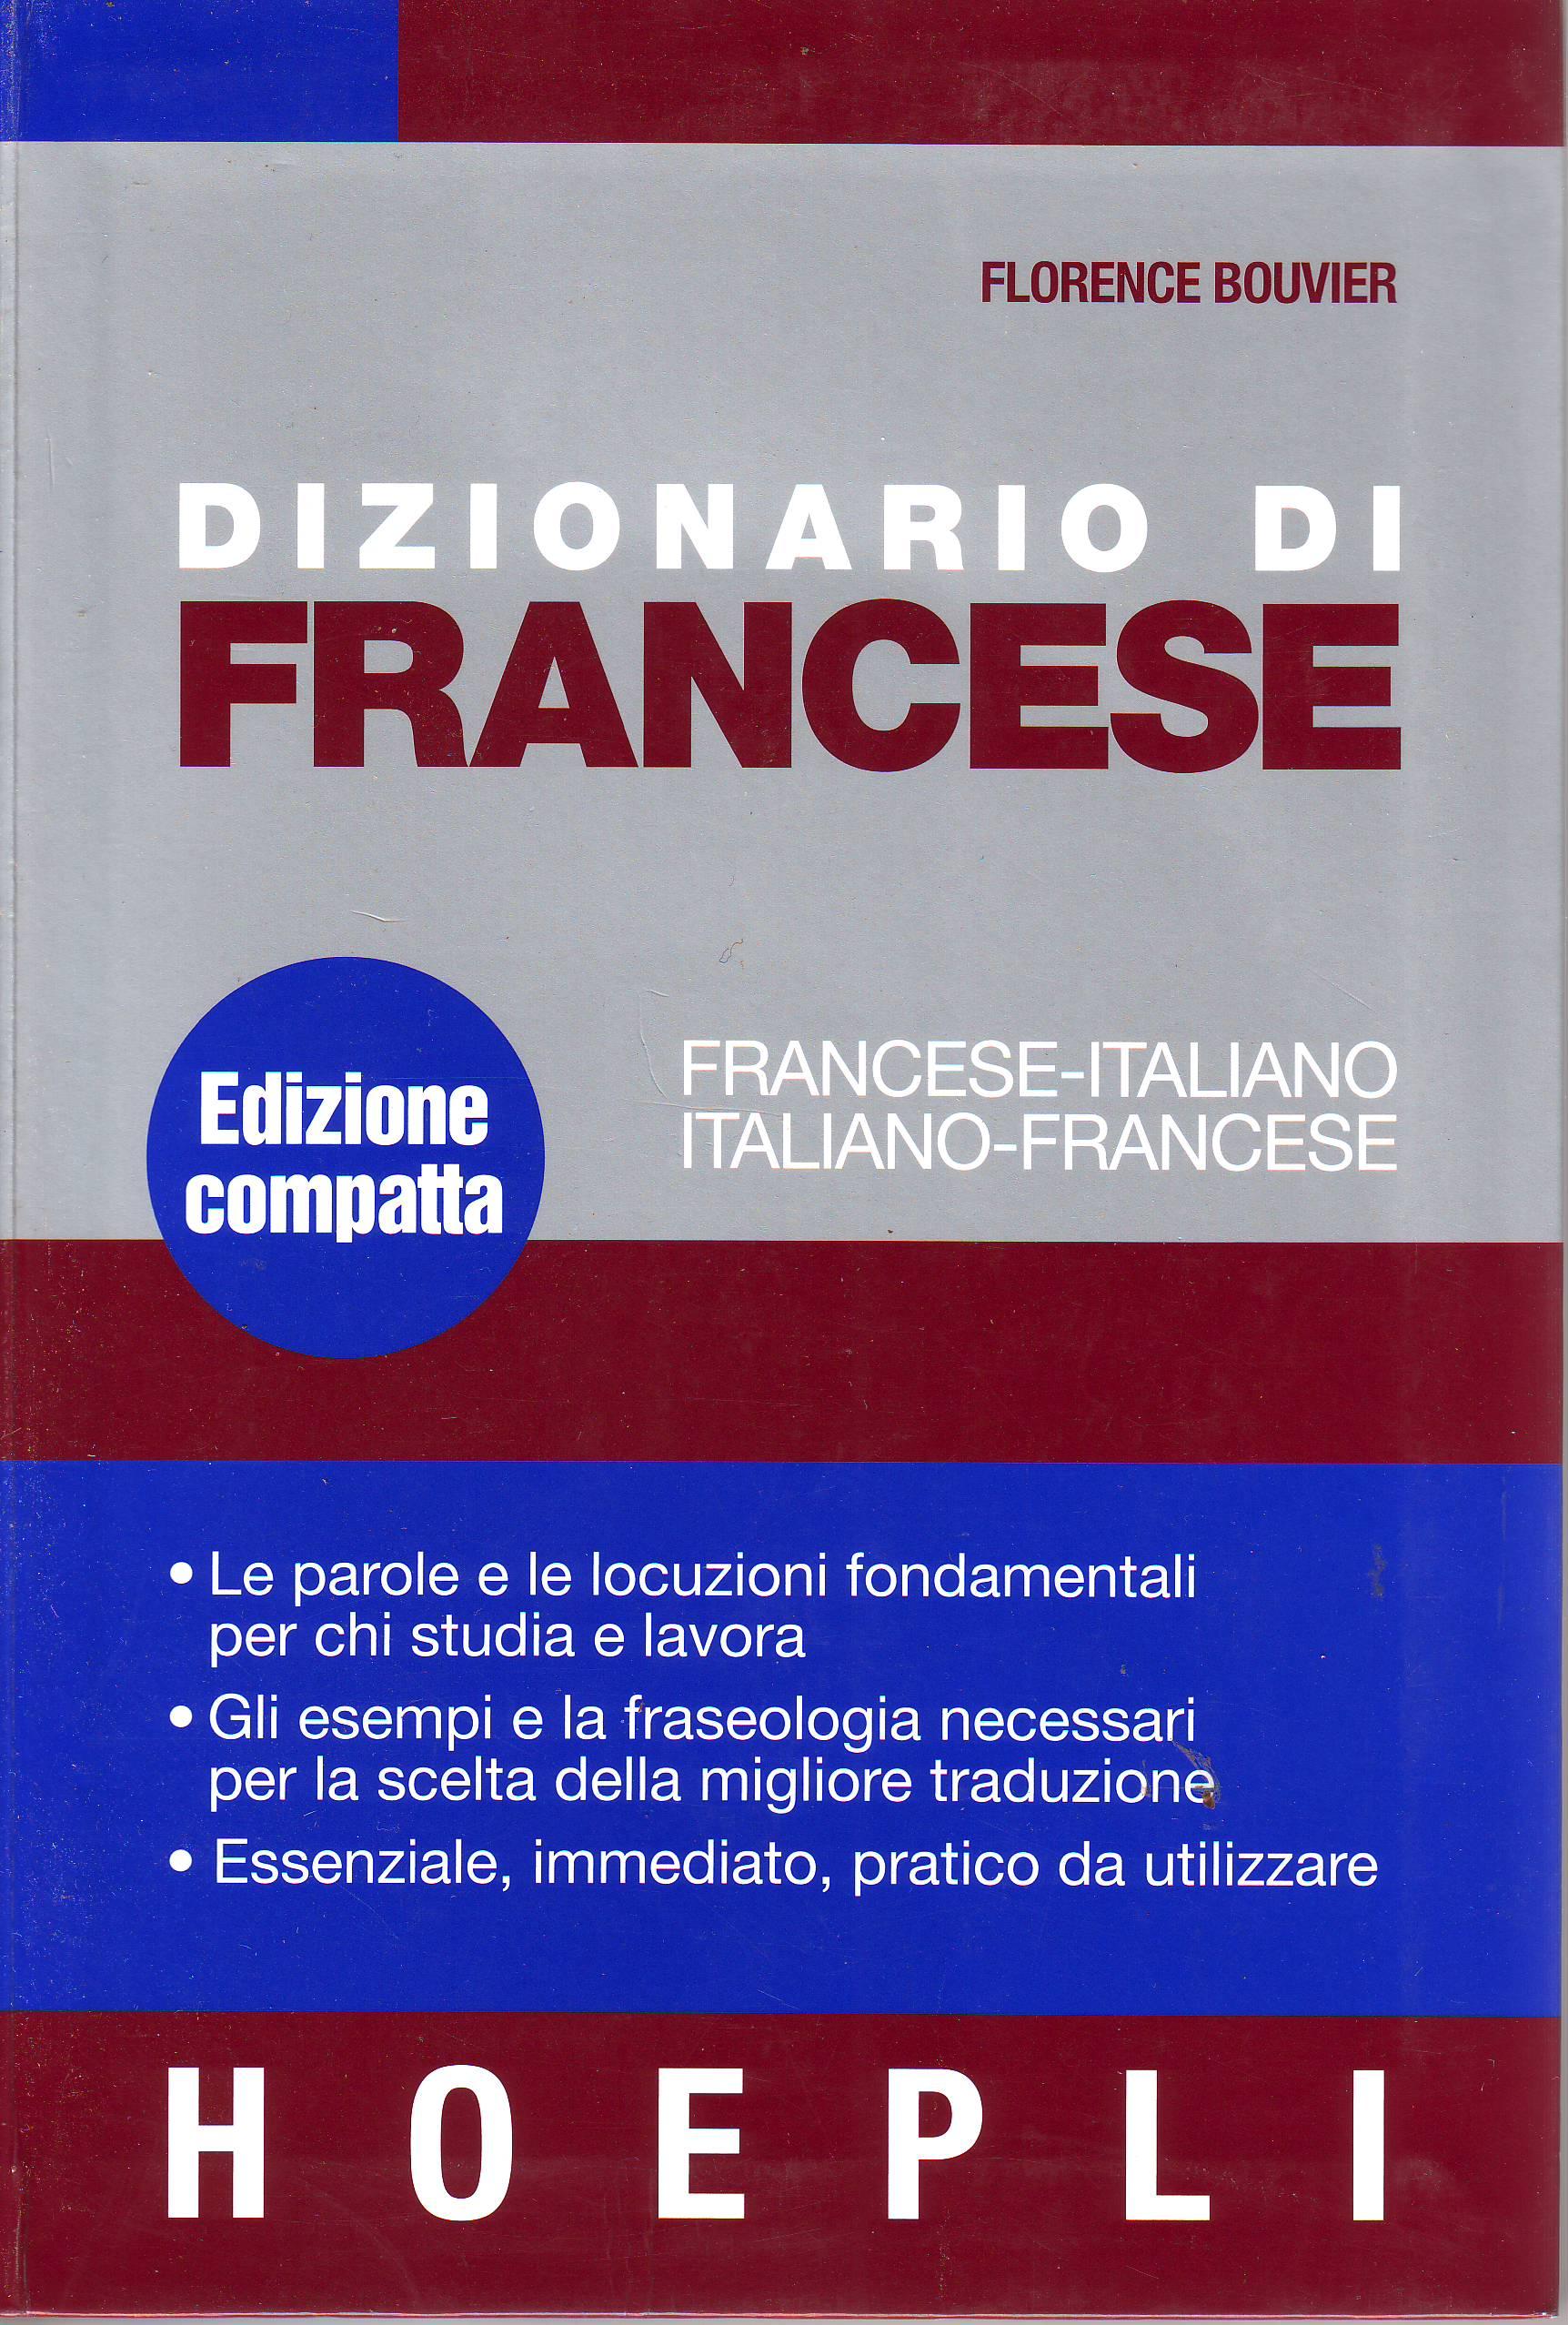 Dizionario francese-italiano